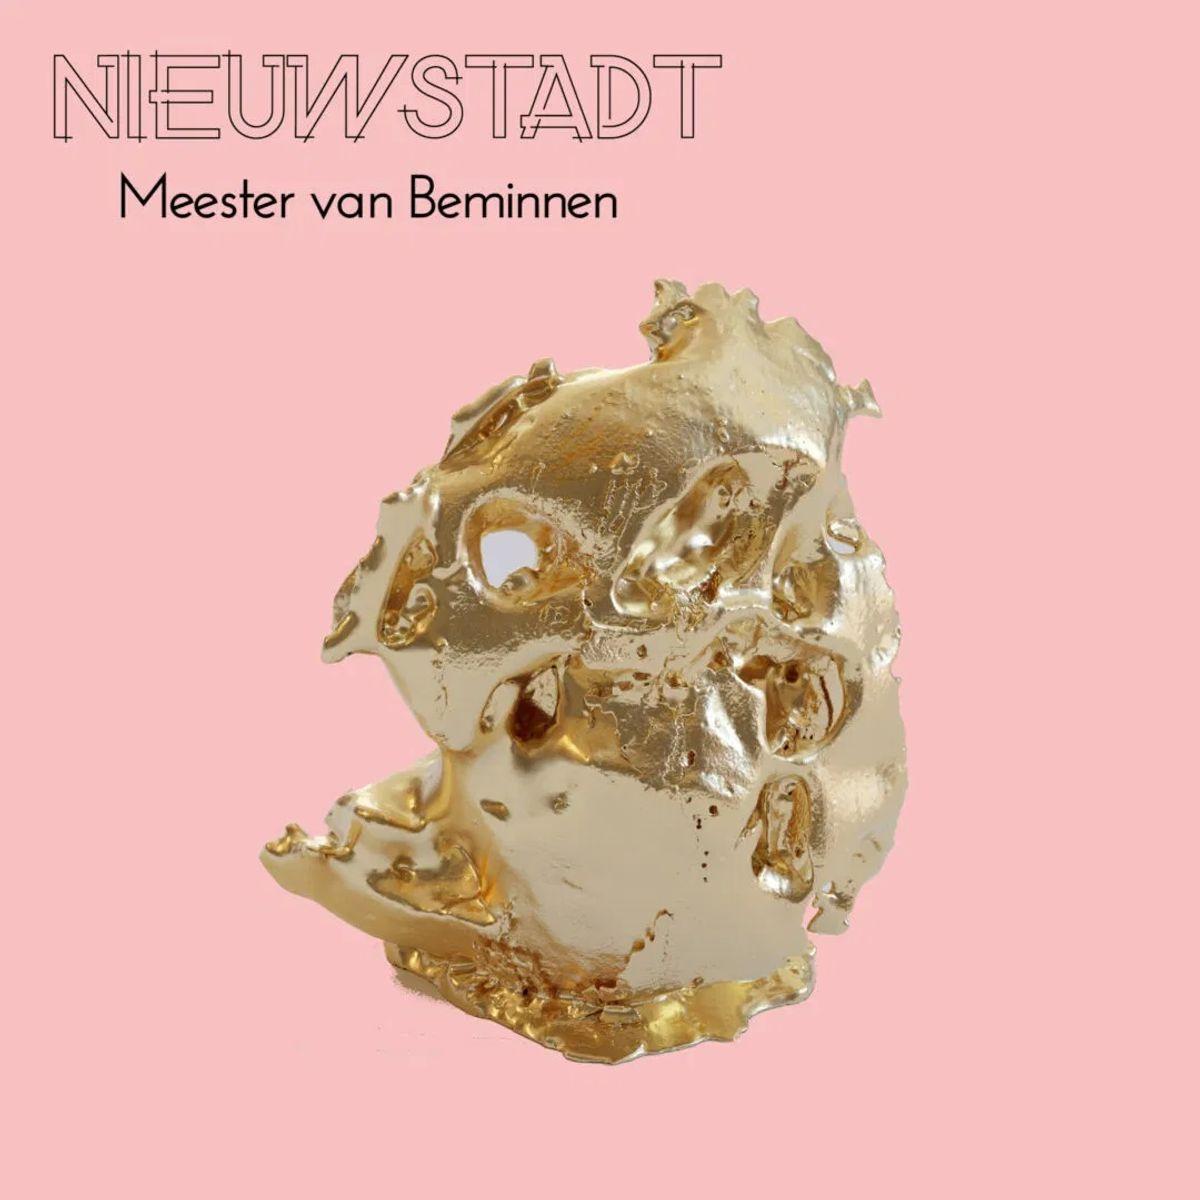 Nieuwstadt - Meester Van Beminnen